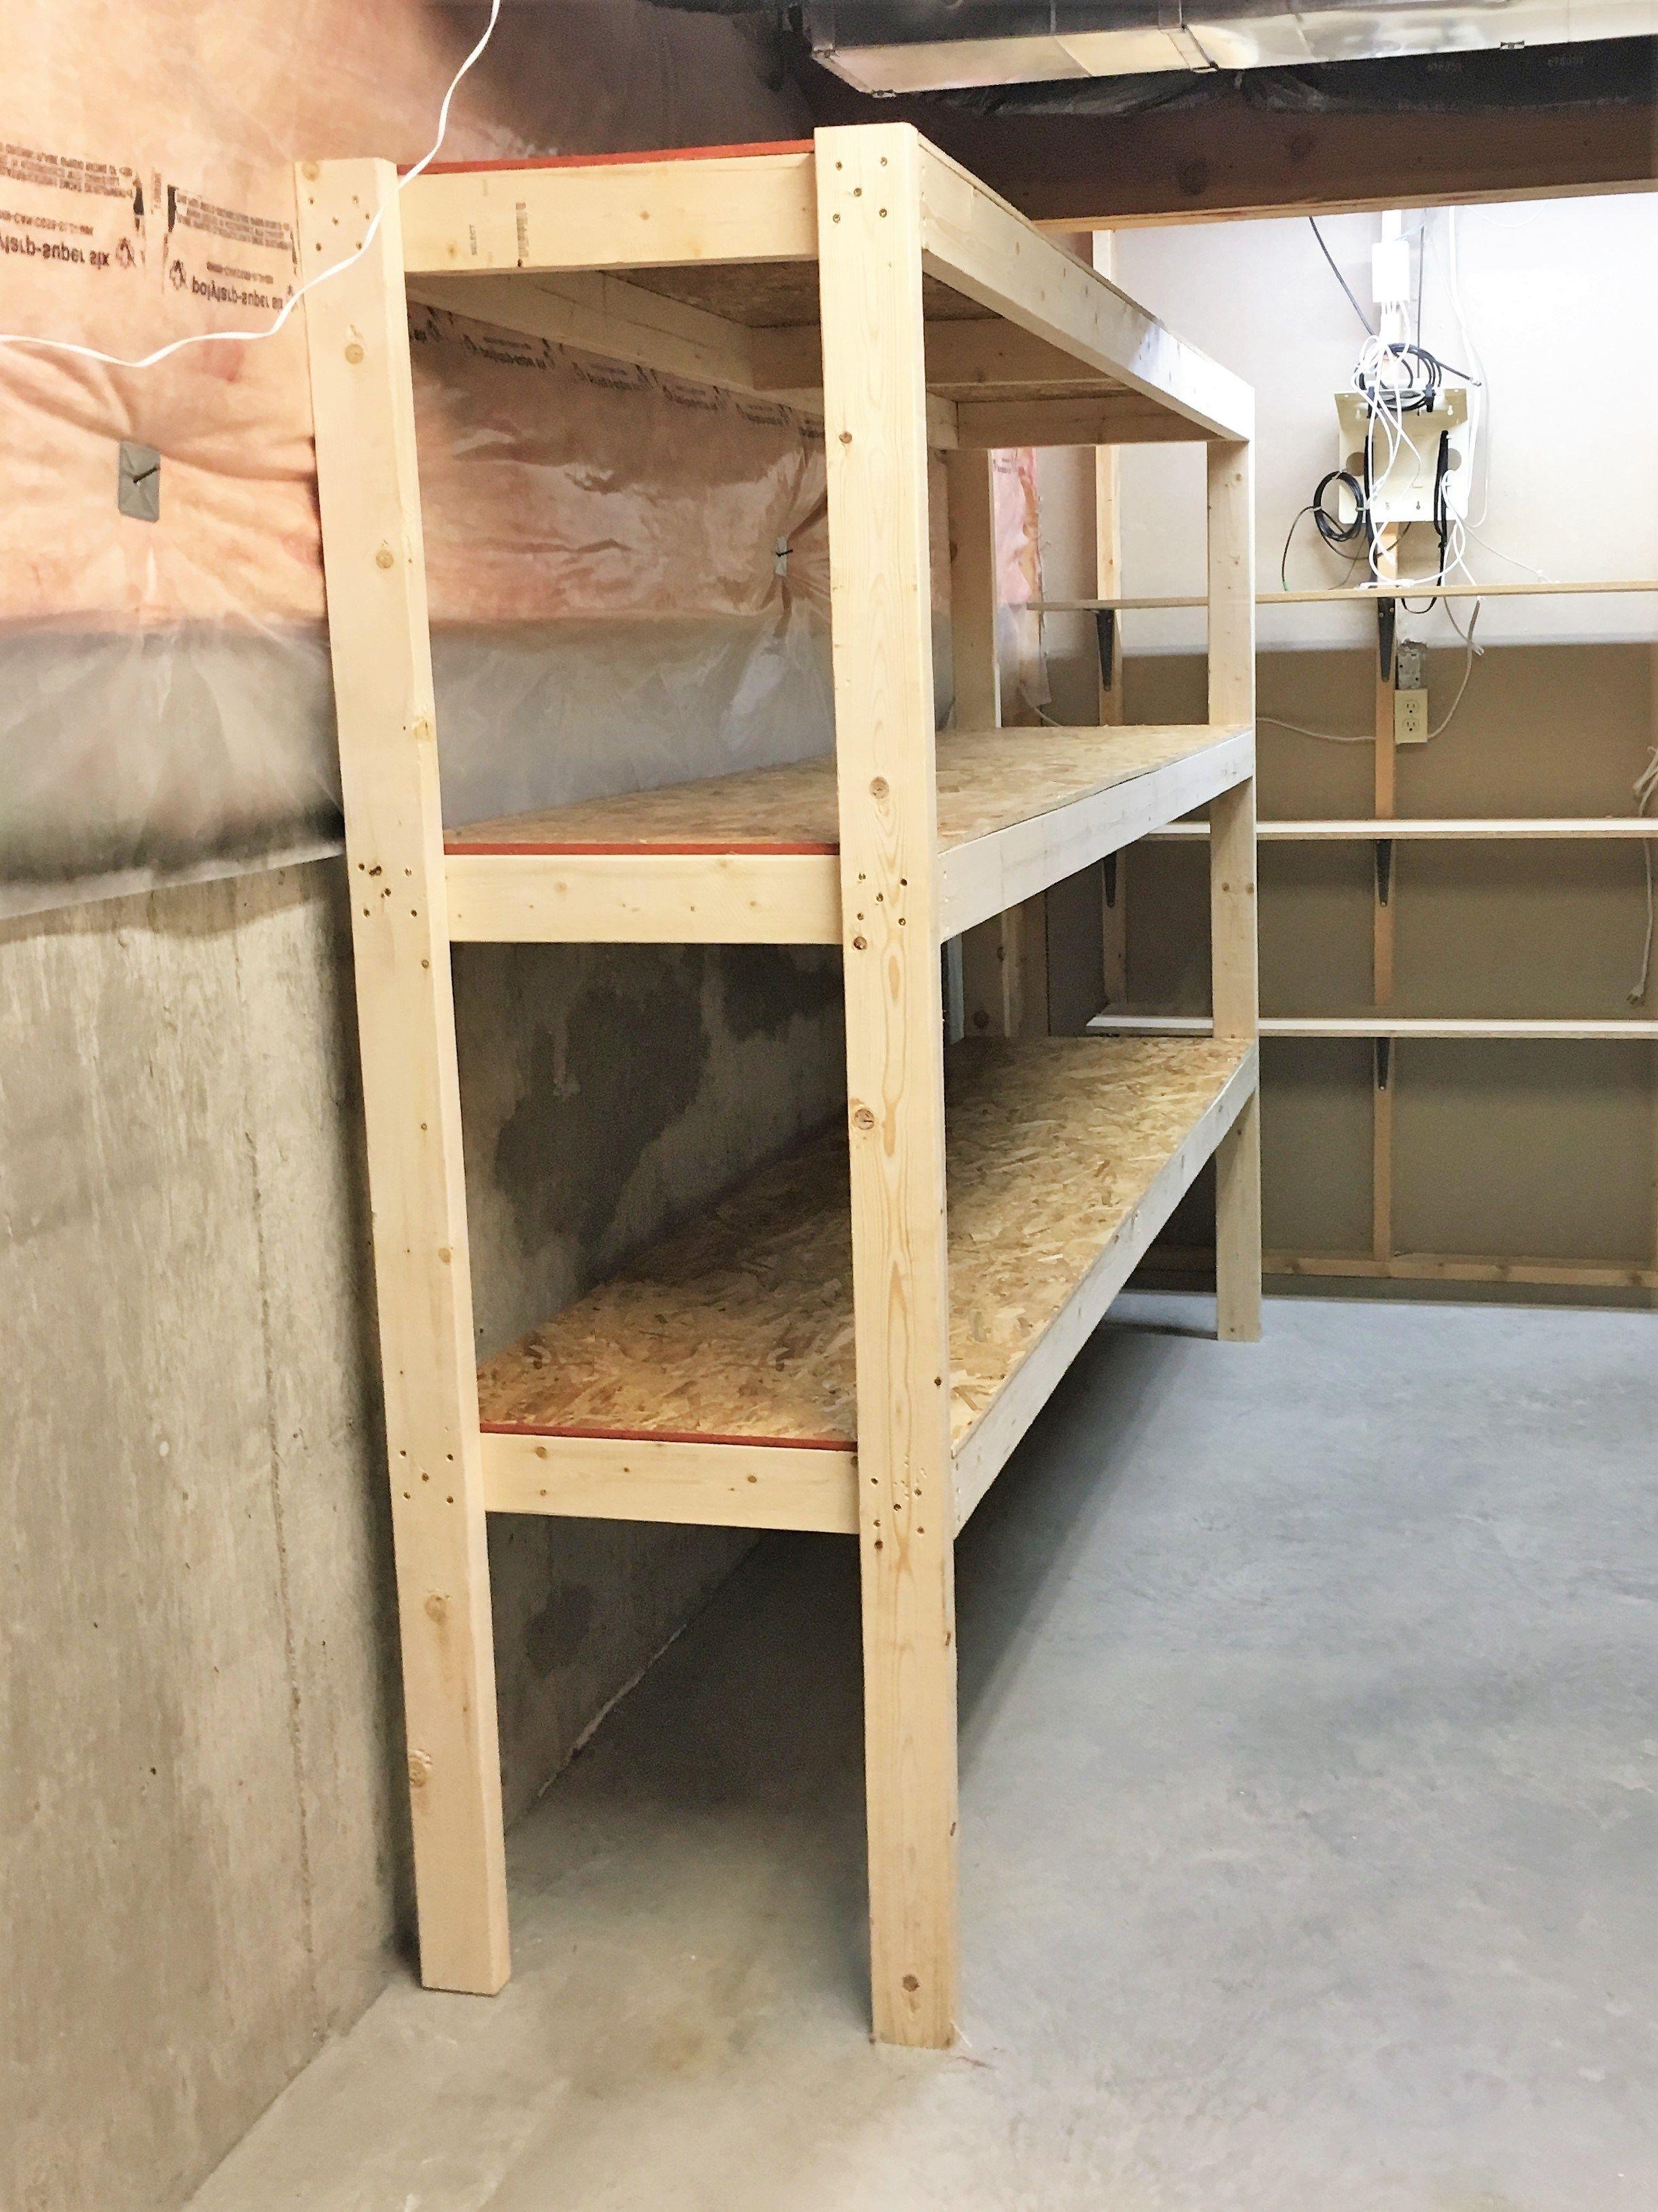 Diy Storage Easy Extra Space Storage Shelves Wooden Storage Shelves Diy Storage Shelves Garage Storage Shelves